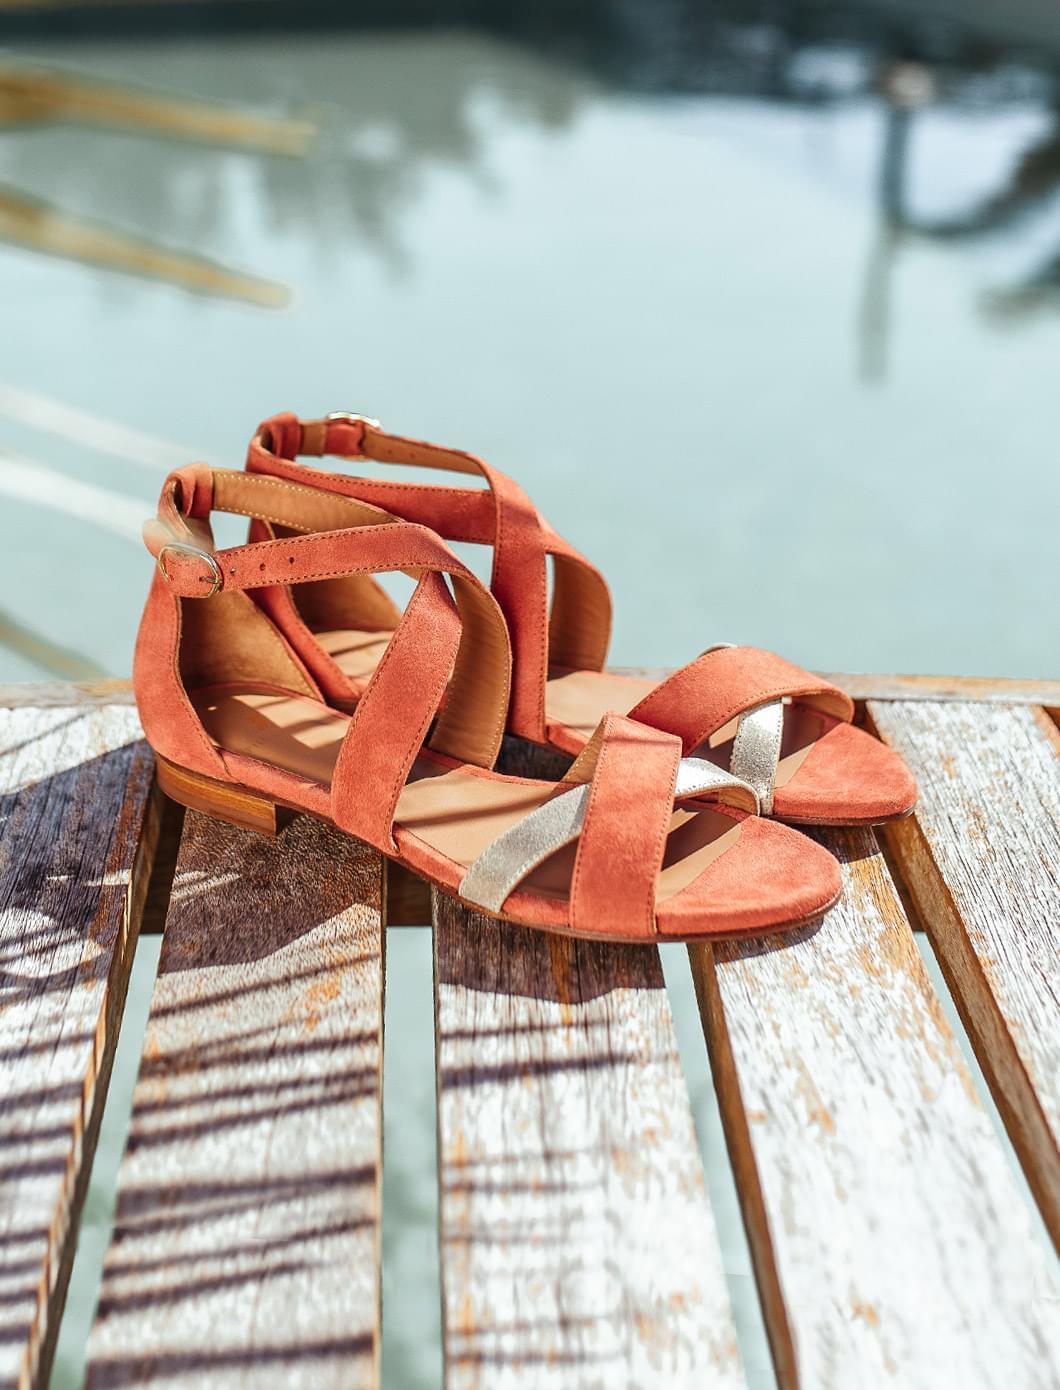 Sandales Maradji - Brique et doré